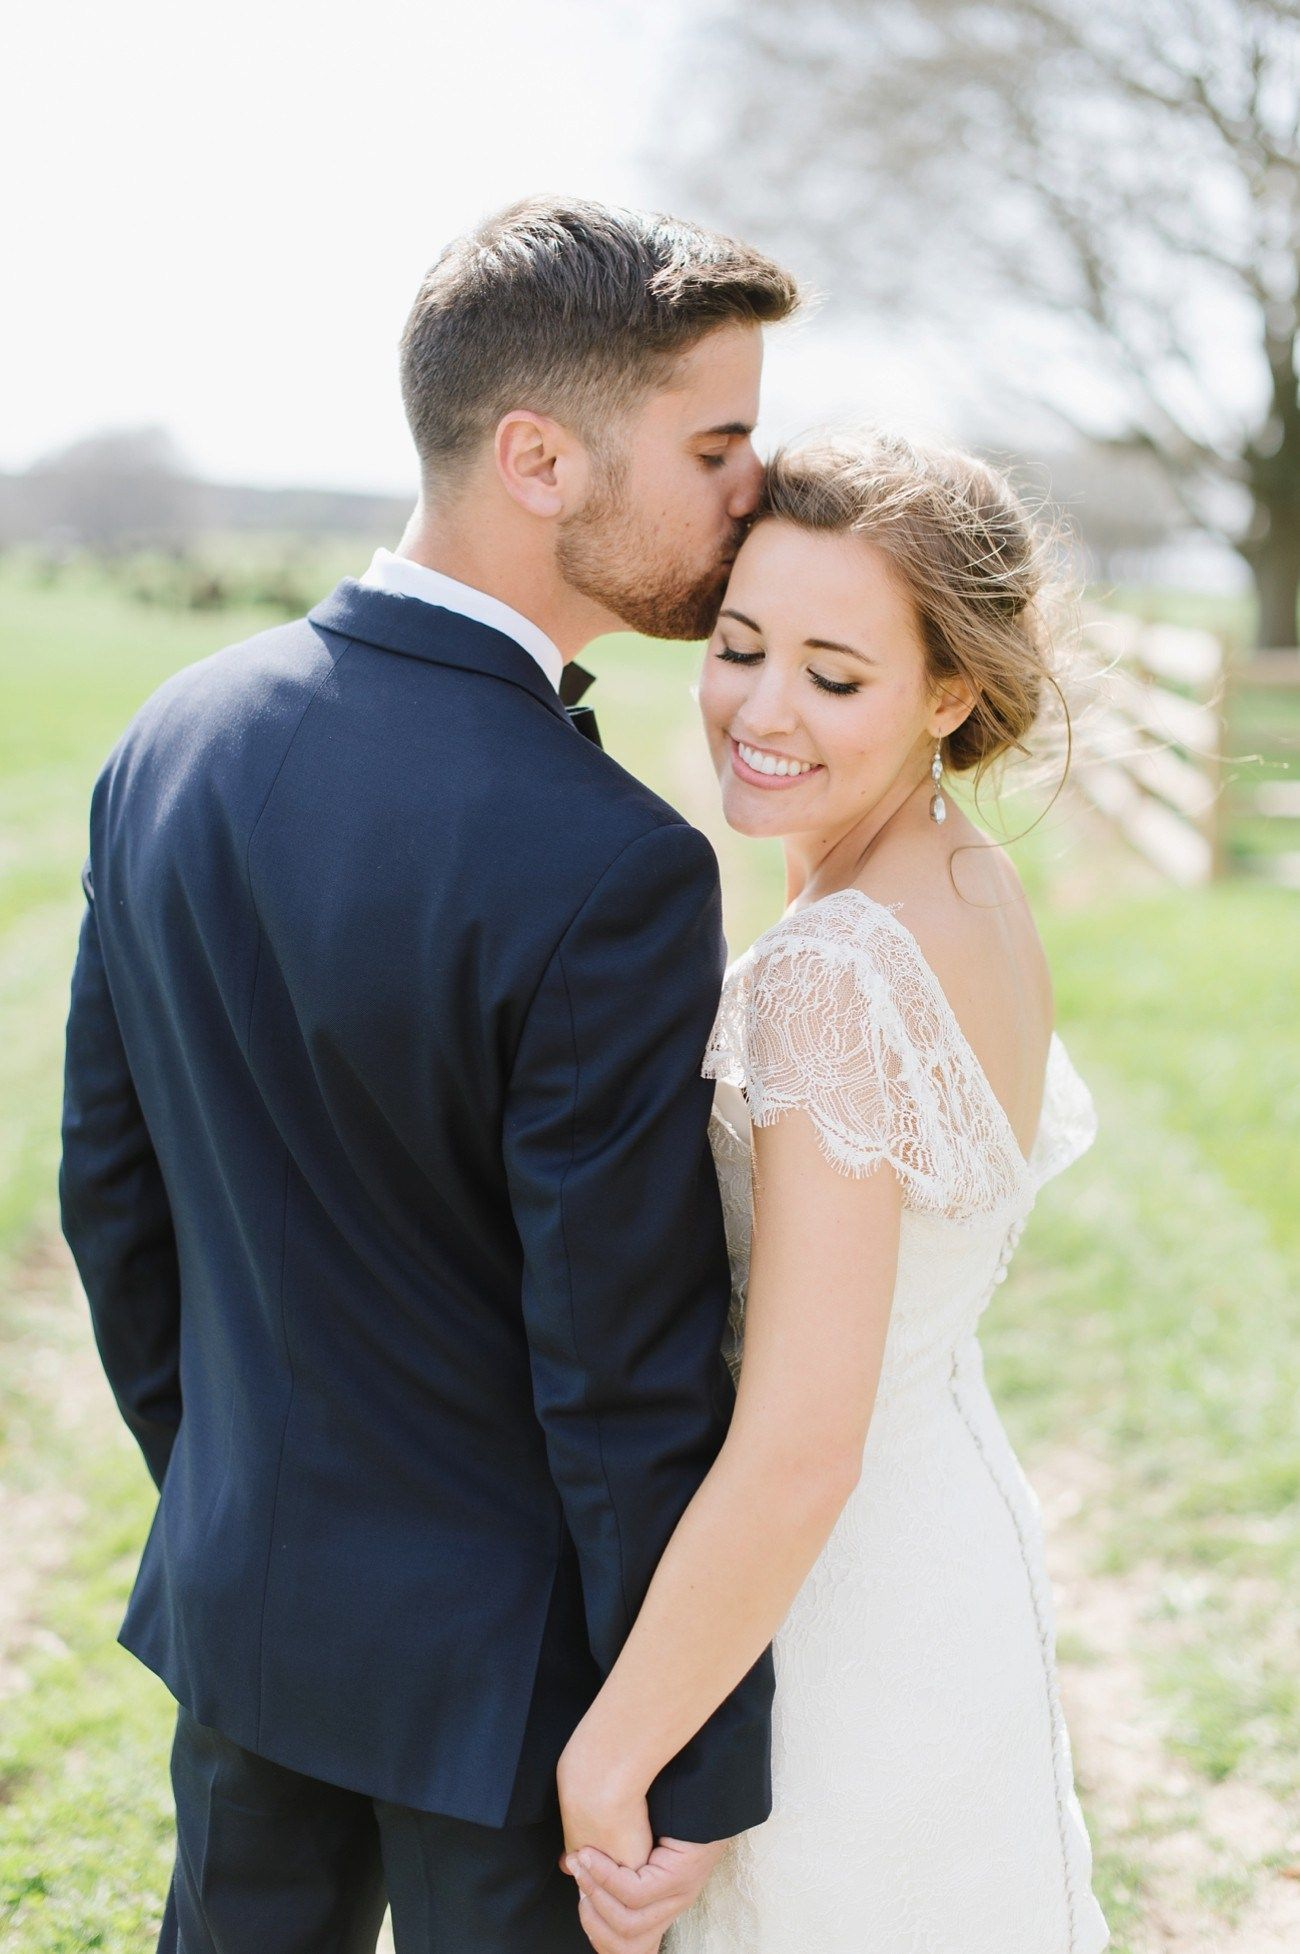 Outdoor Wedding Photography Ideas 82 Weddingphotography Wedding